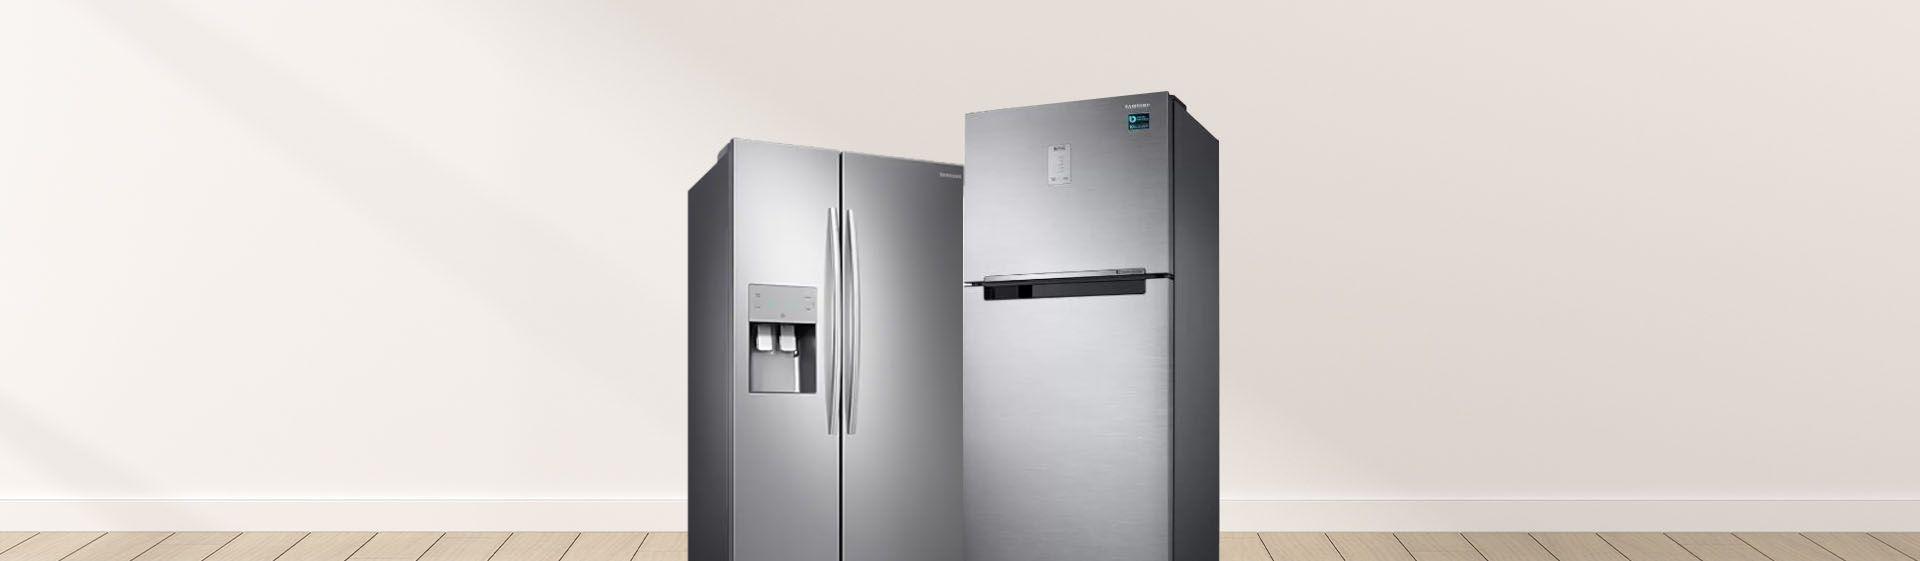 As melhores geladeiras da Samsung em 2021